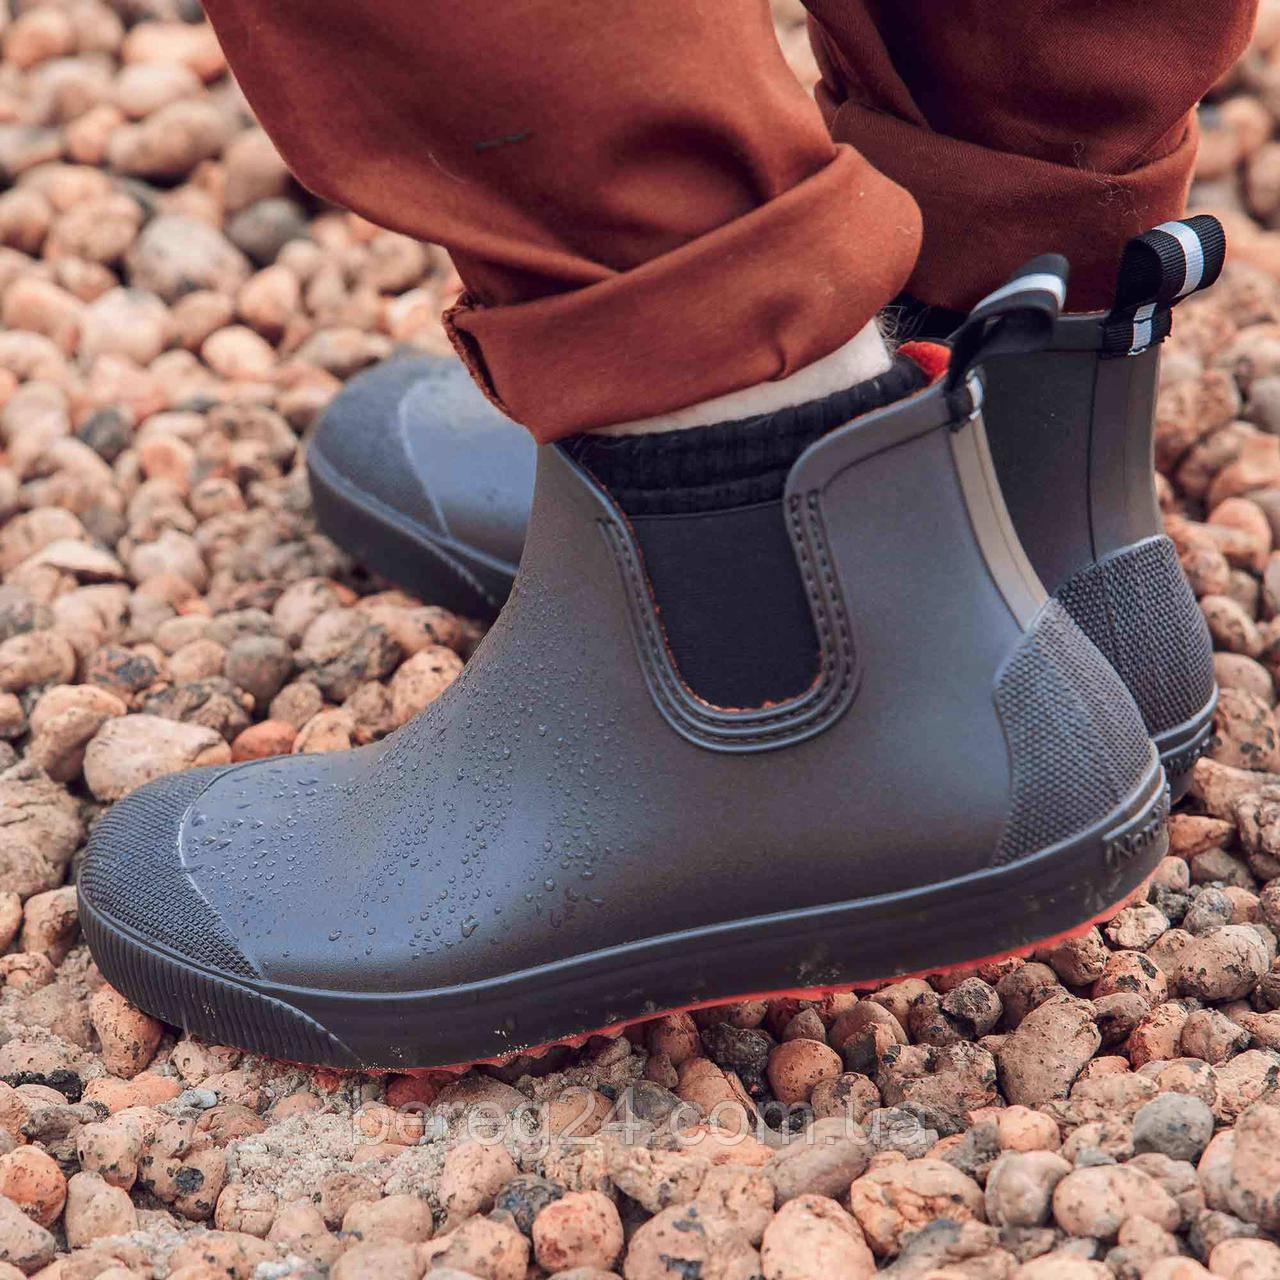 Мужские ботинки NordMan BEAT резиновые с эластичной вставкой коричневые размер 45